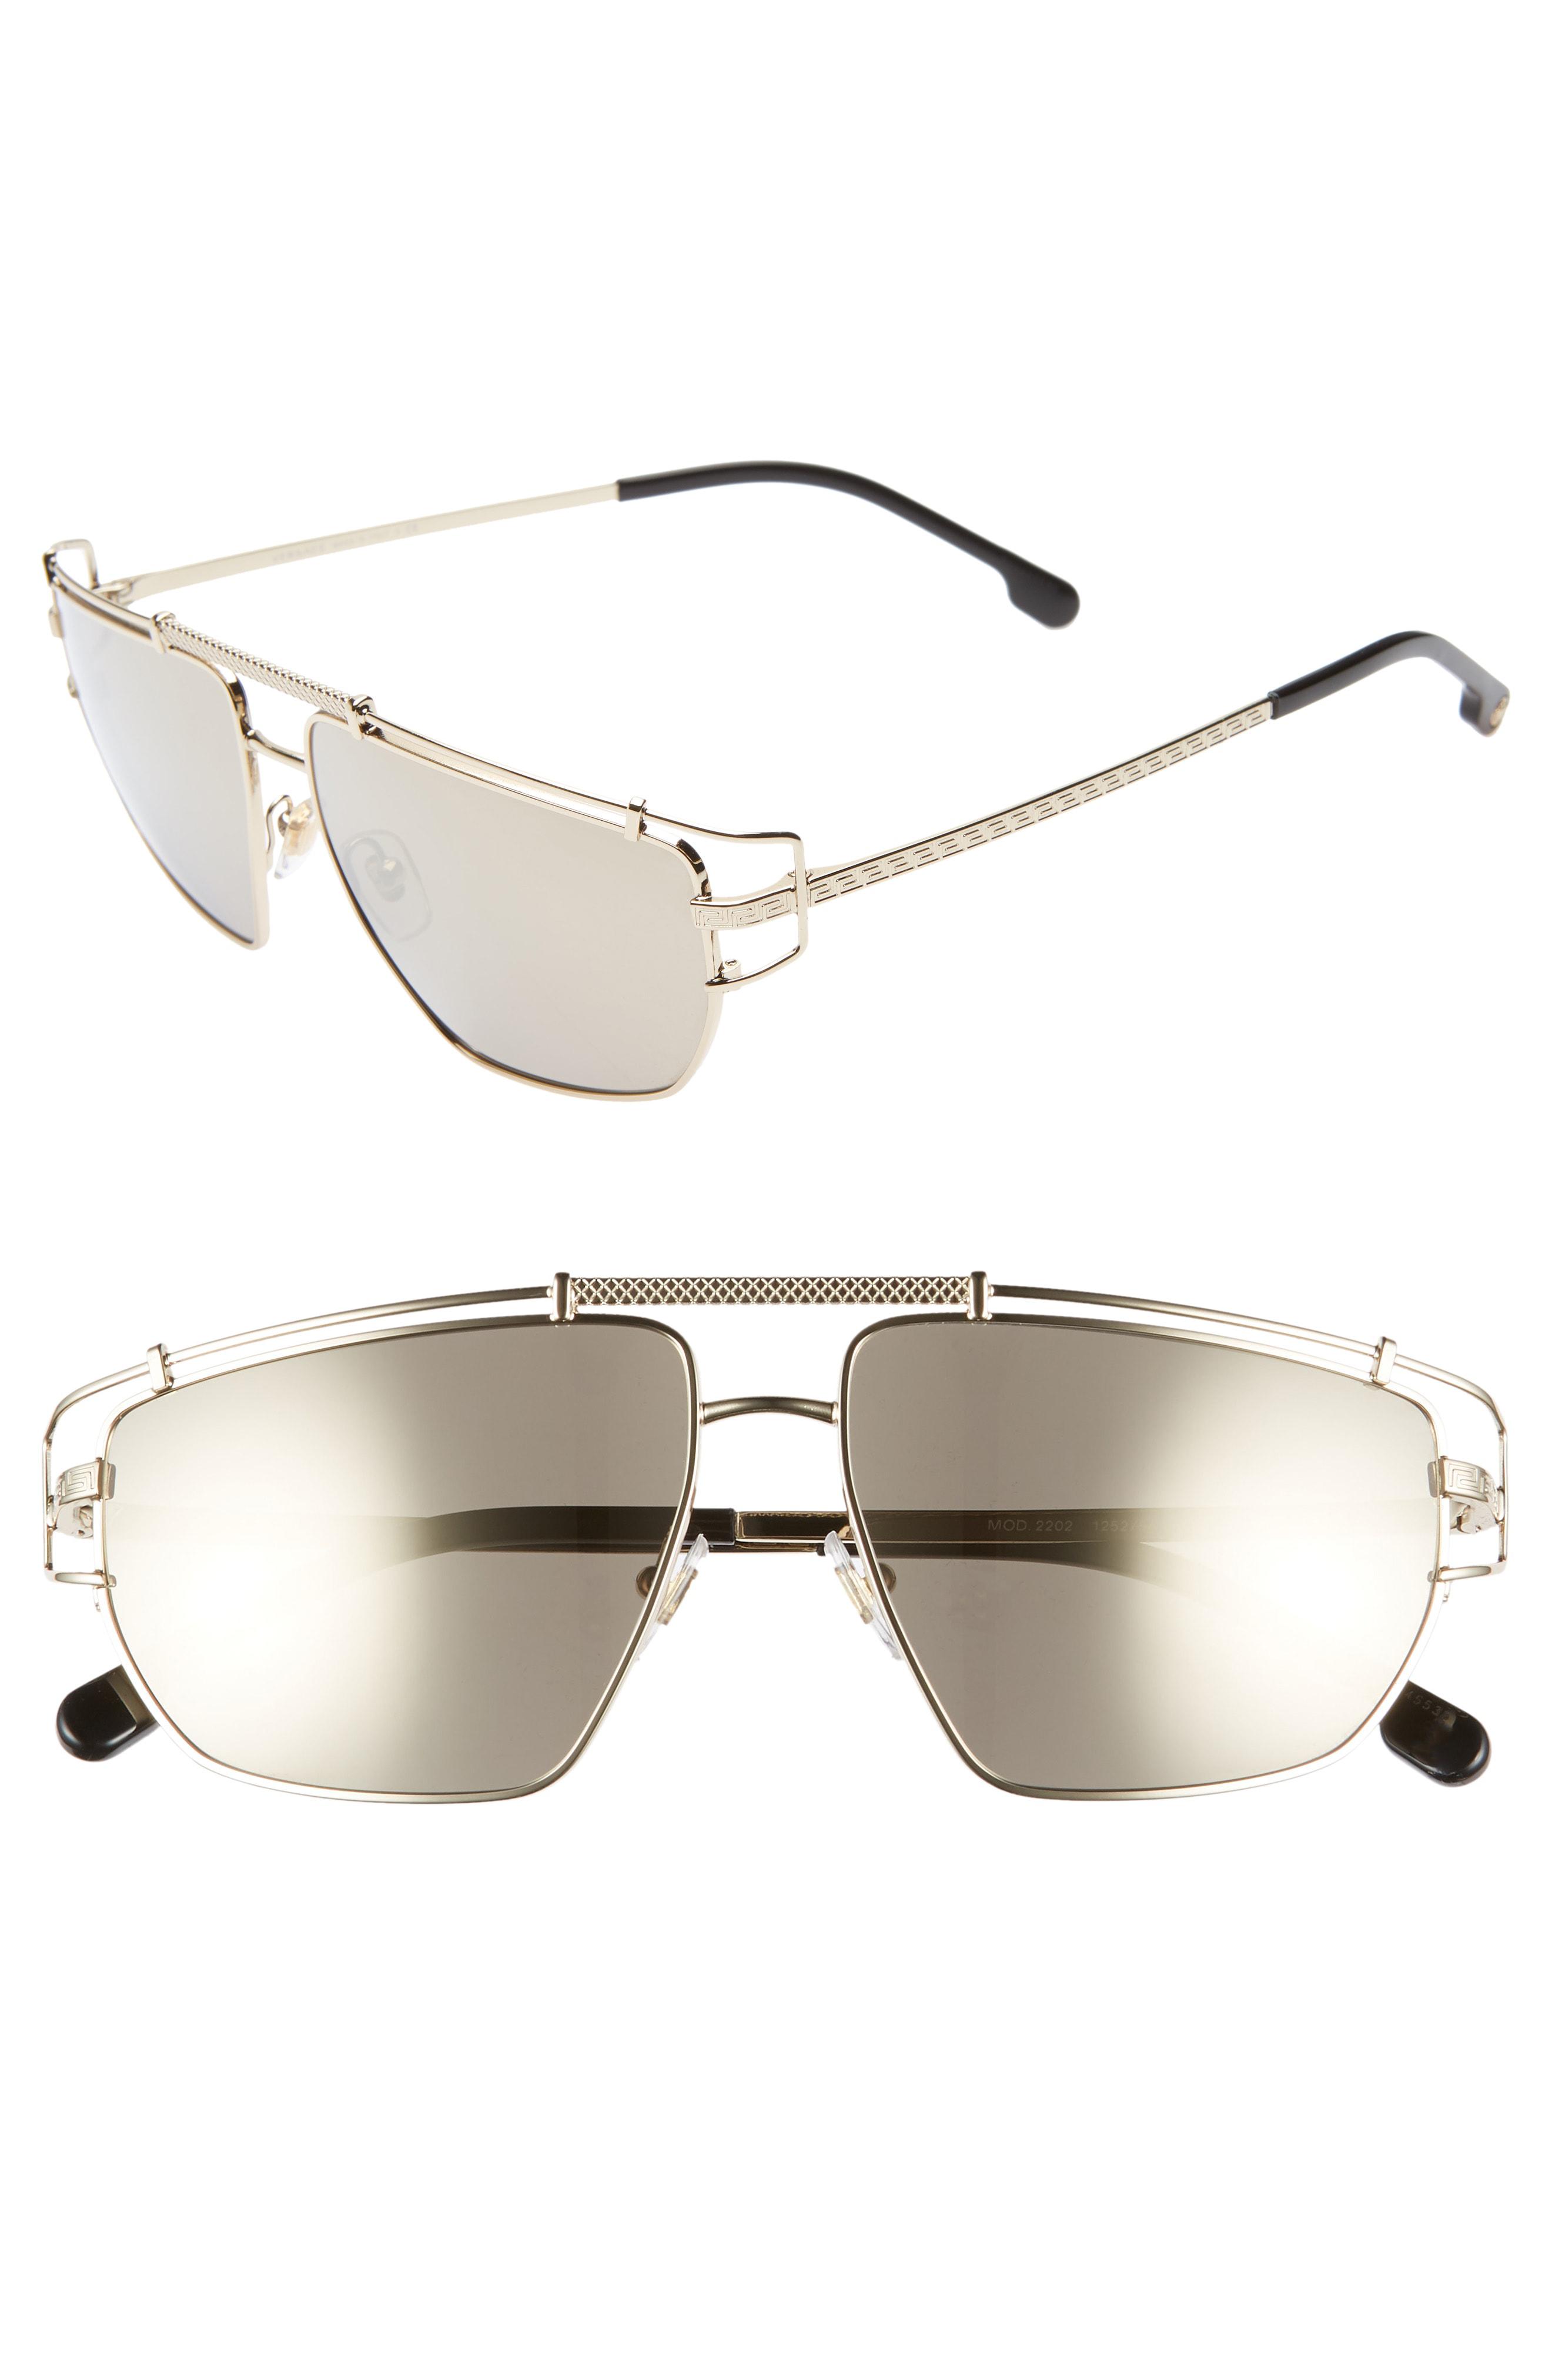 5ad704018f5 Versace Men s Mirrored Brow Bar Aviator Sunglasses